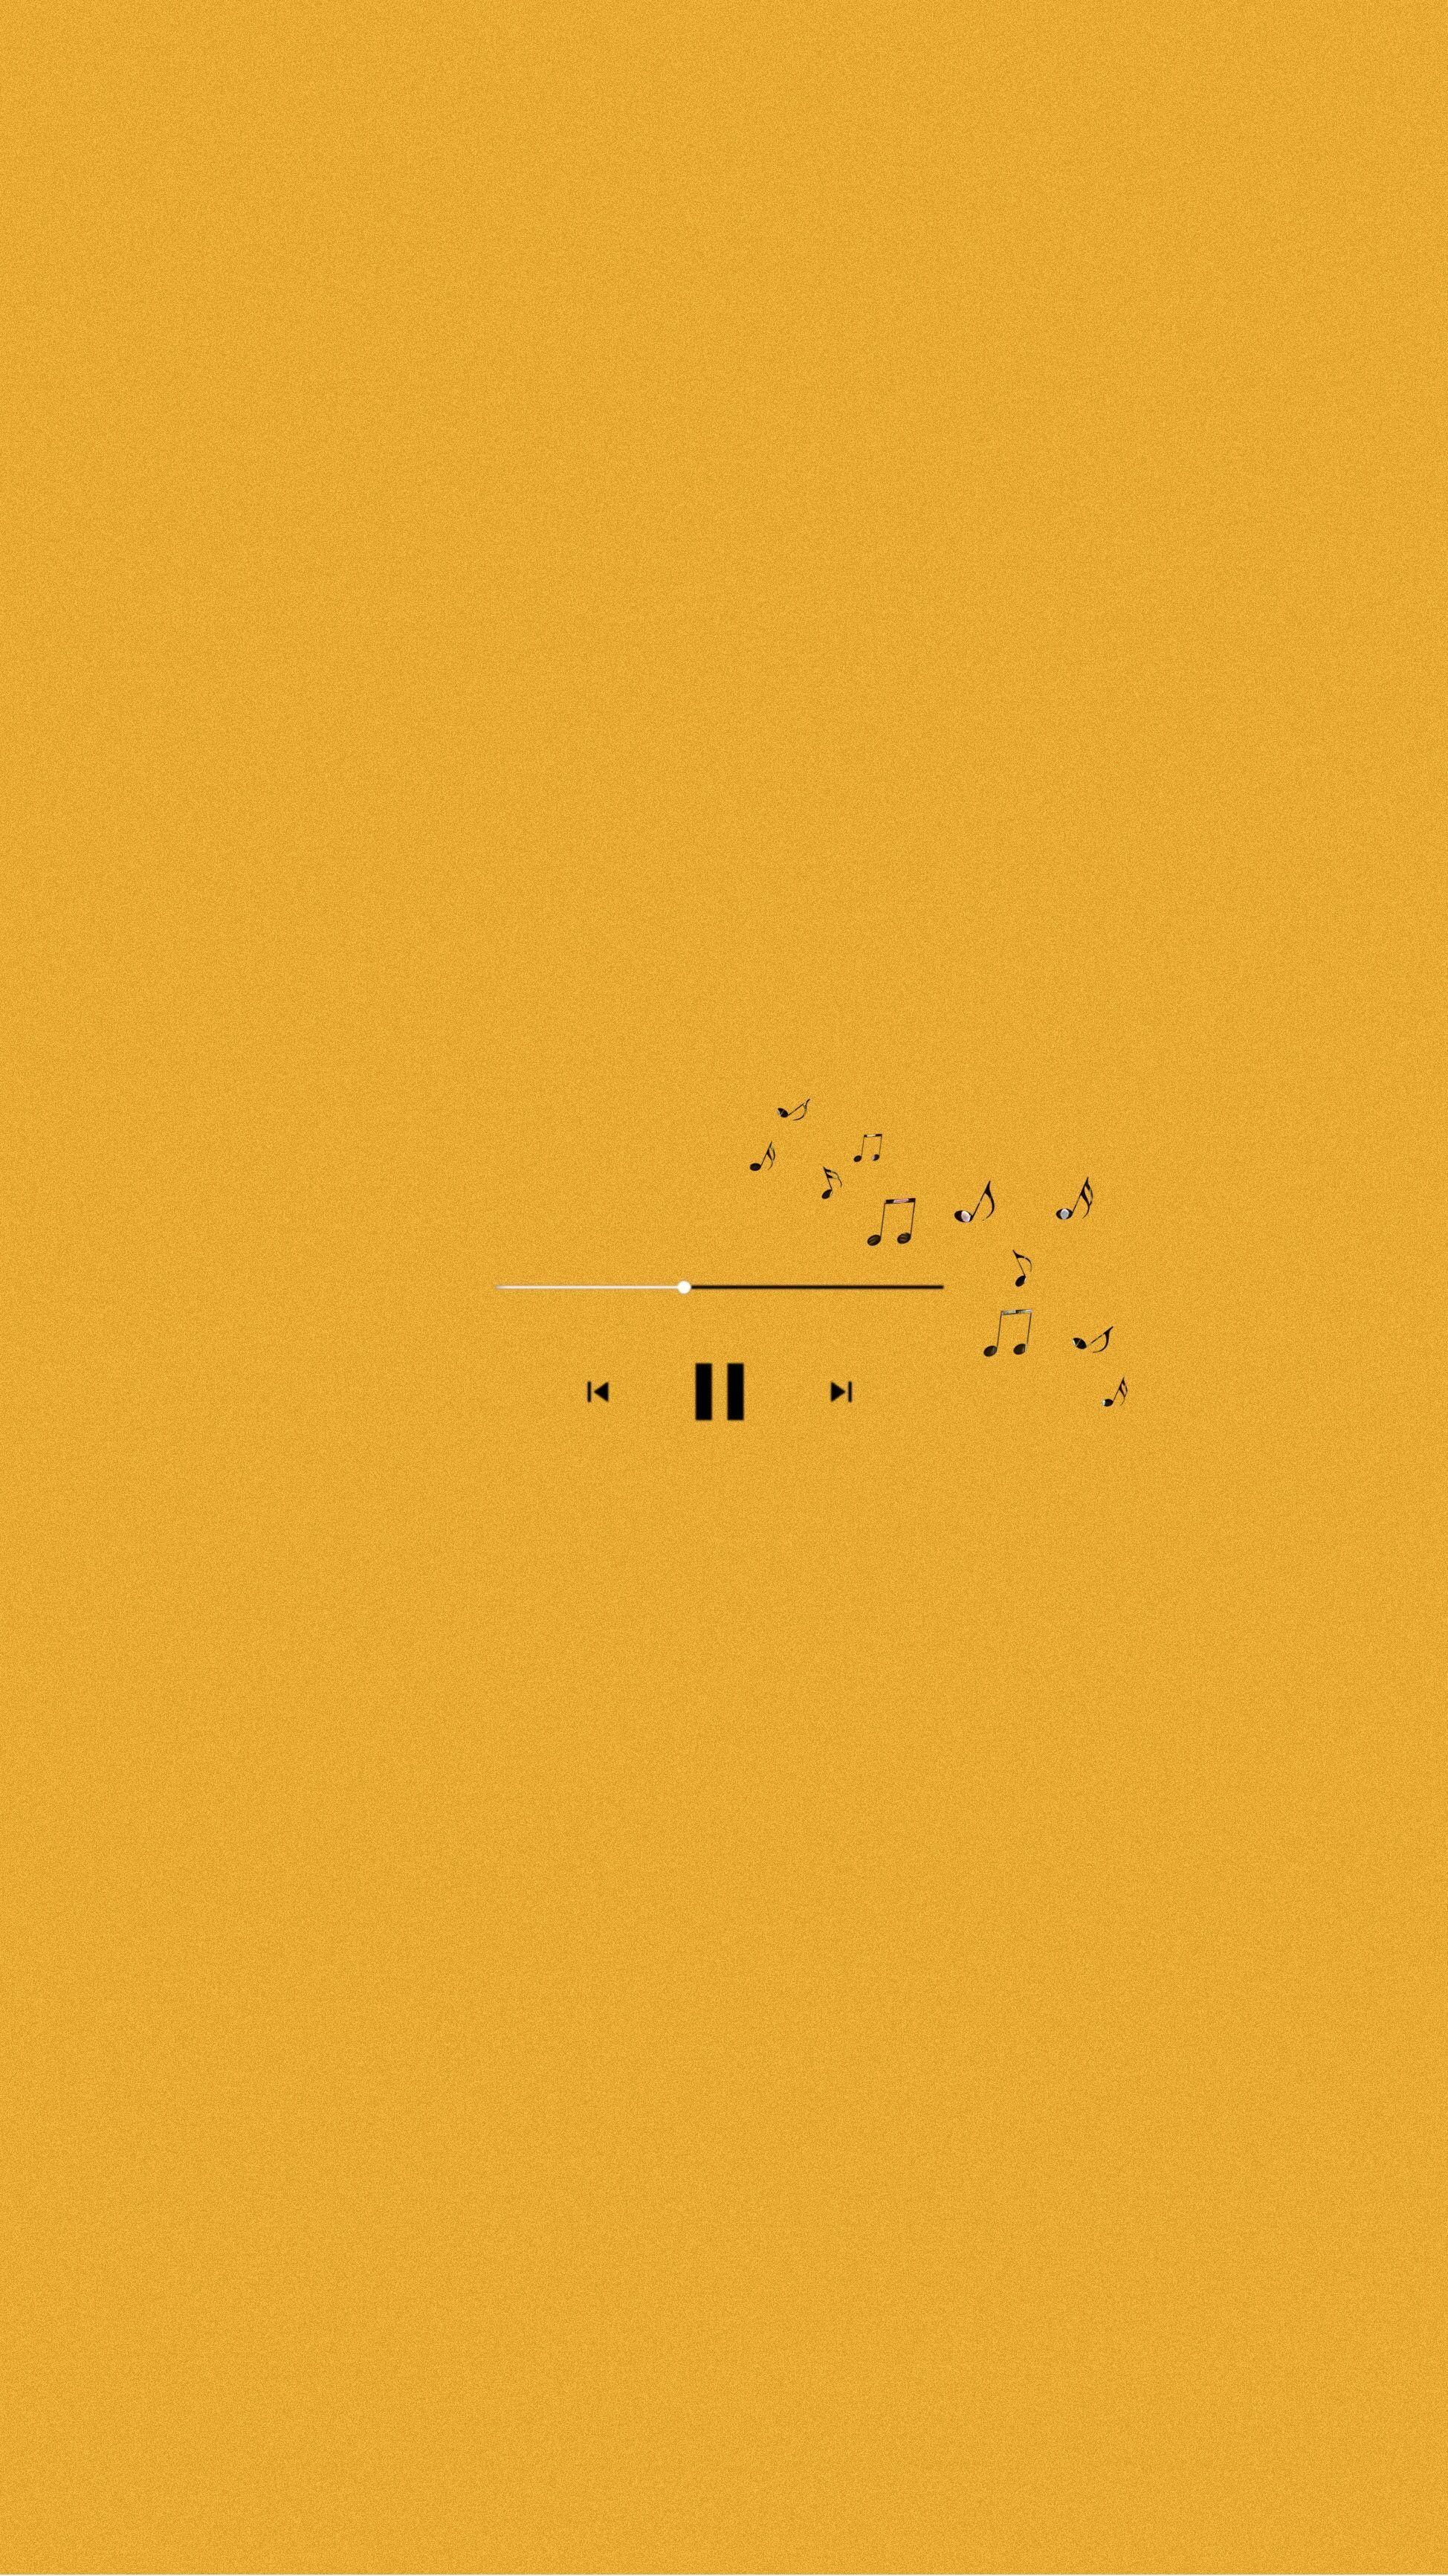 Pin Von Grace Und Matilde Auf Tapete Im Jahr 2020 Mit Bildern Iphone Wallpaper Yellow Yellow Aesthetic Pastel Yellow Aesthetic